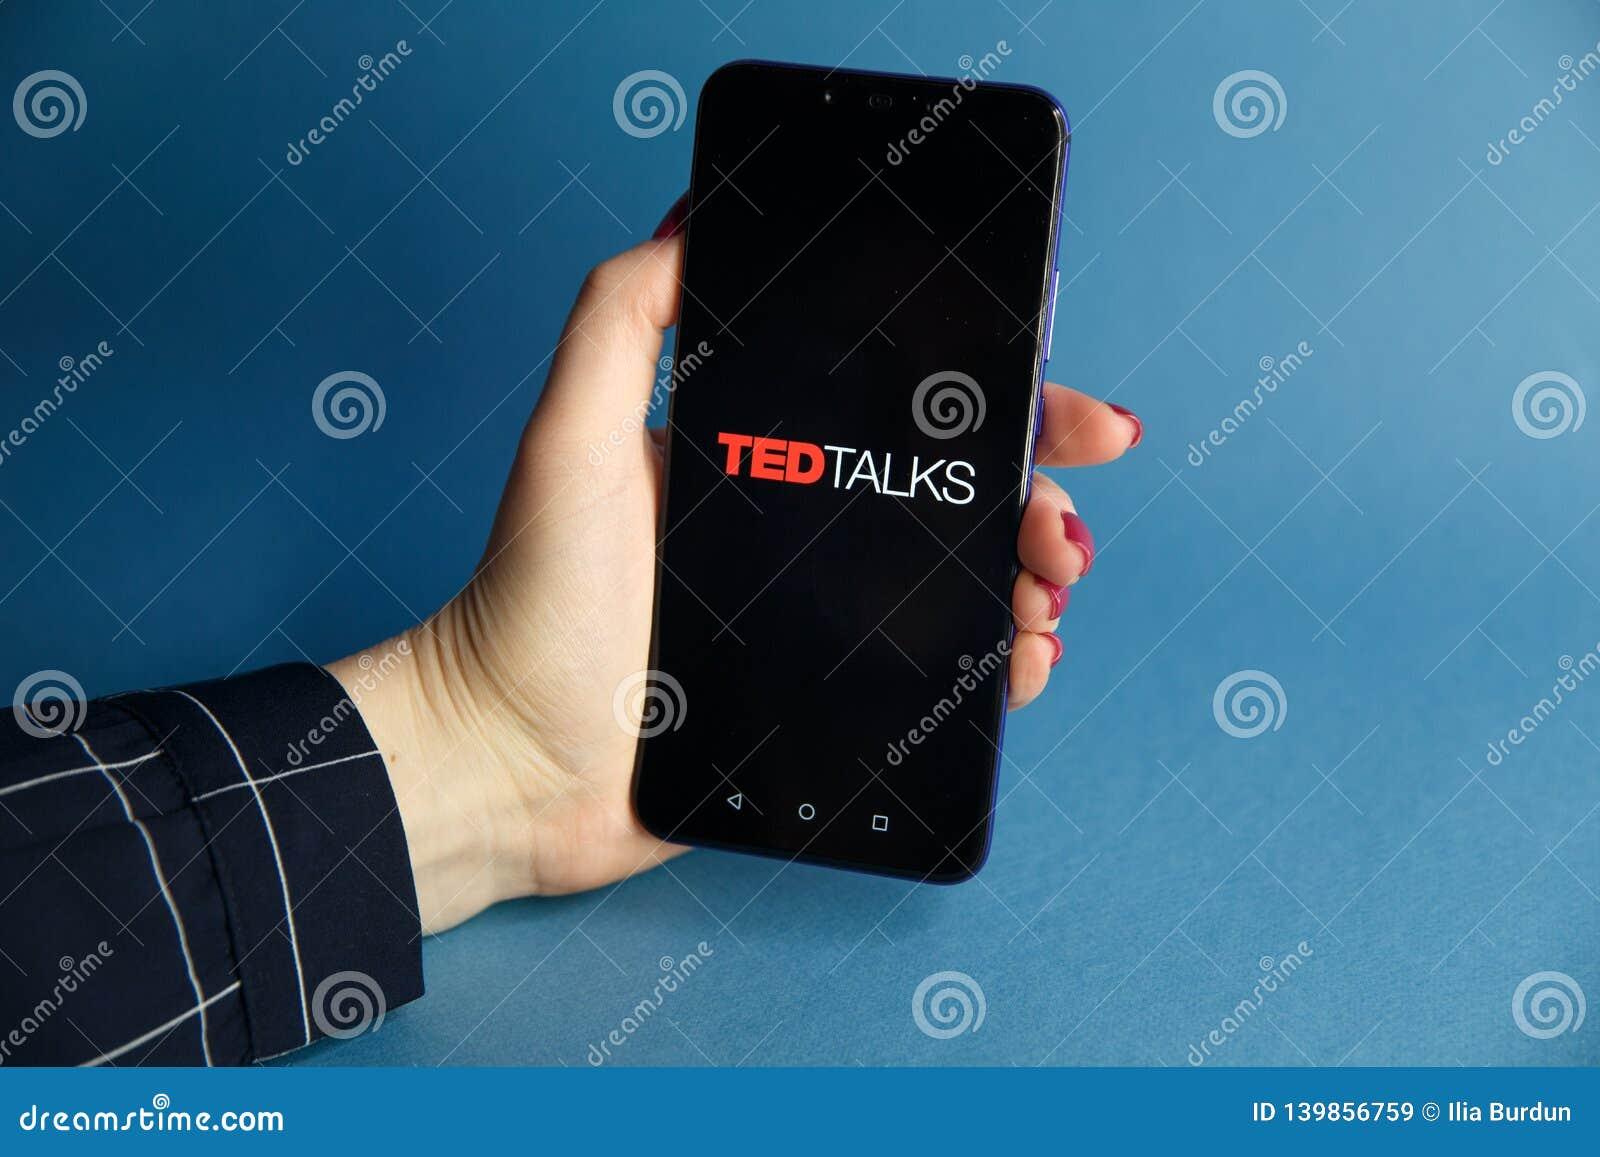 Tula, Rússia - 29 DE JANEIRO DE 2019: Logotipo de TED Talks indicado sobre